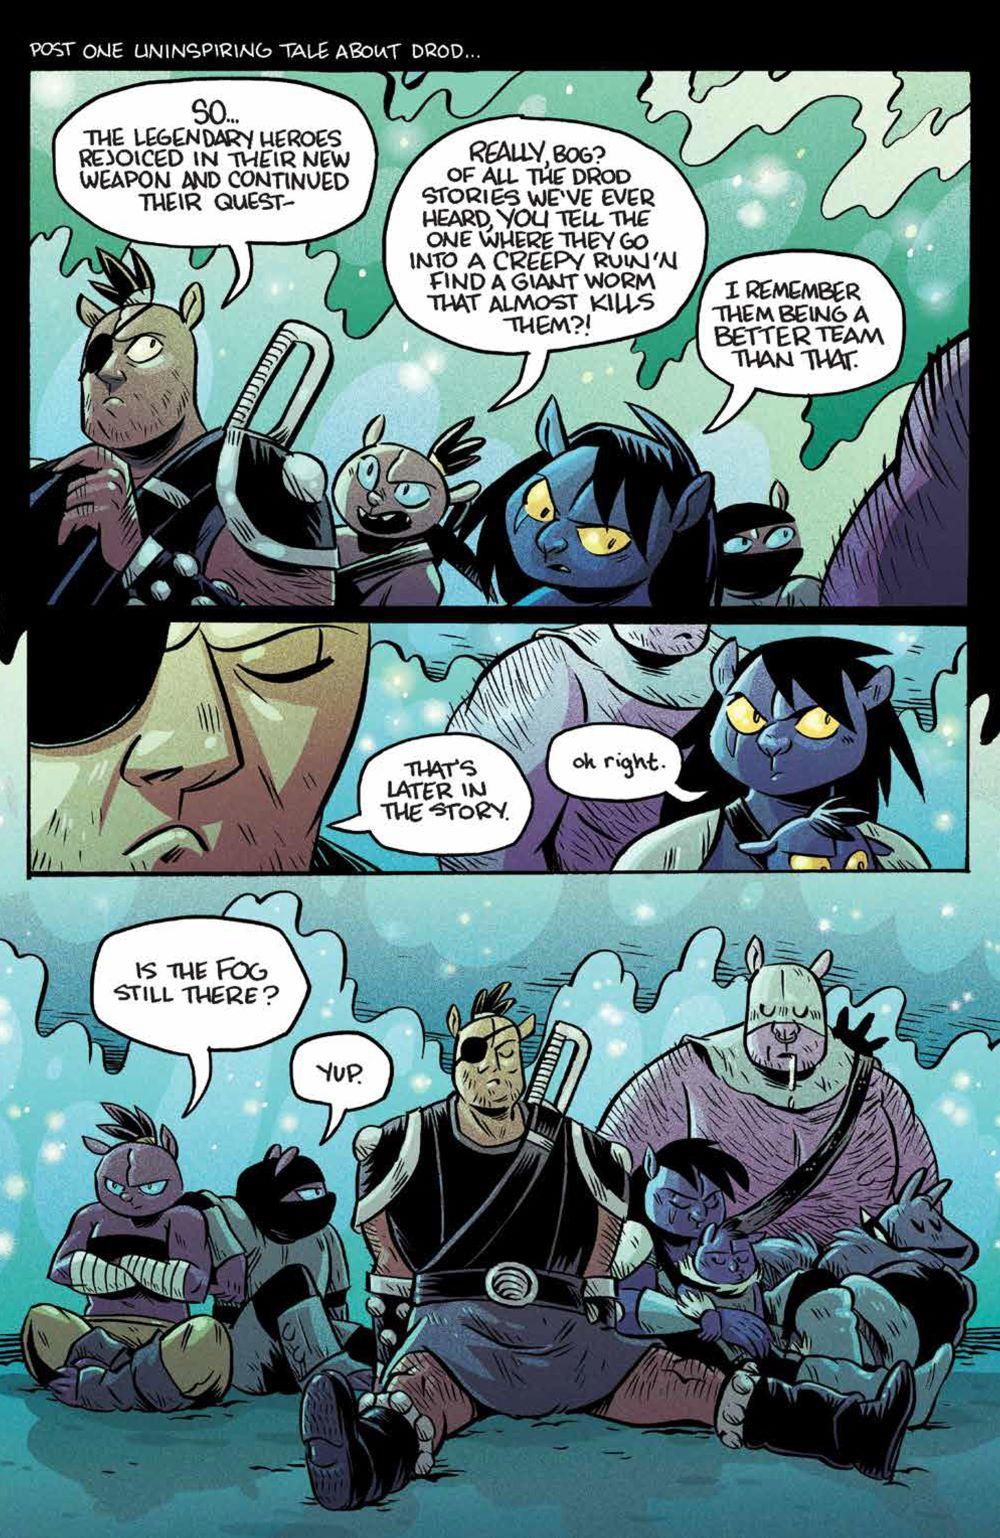 Orcs_006_PRESS_3 ComicList Previews: ORCS #6 (OF 6)